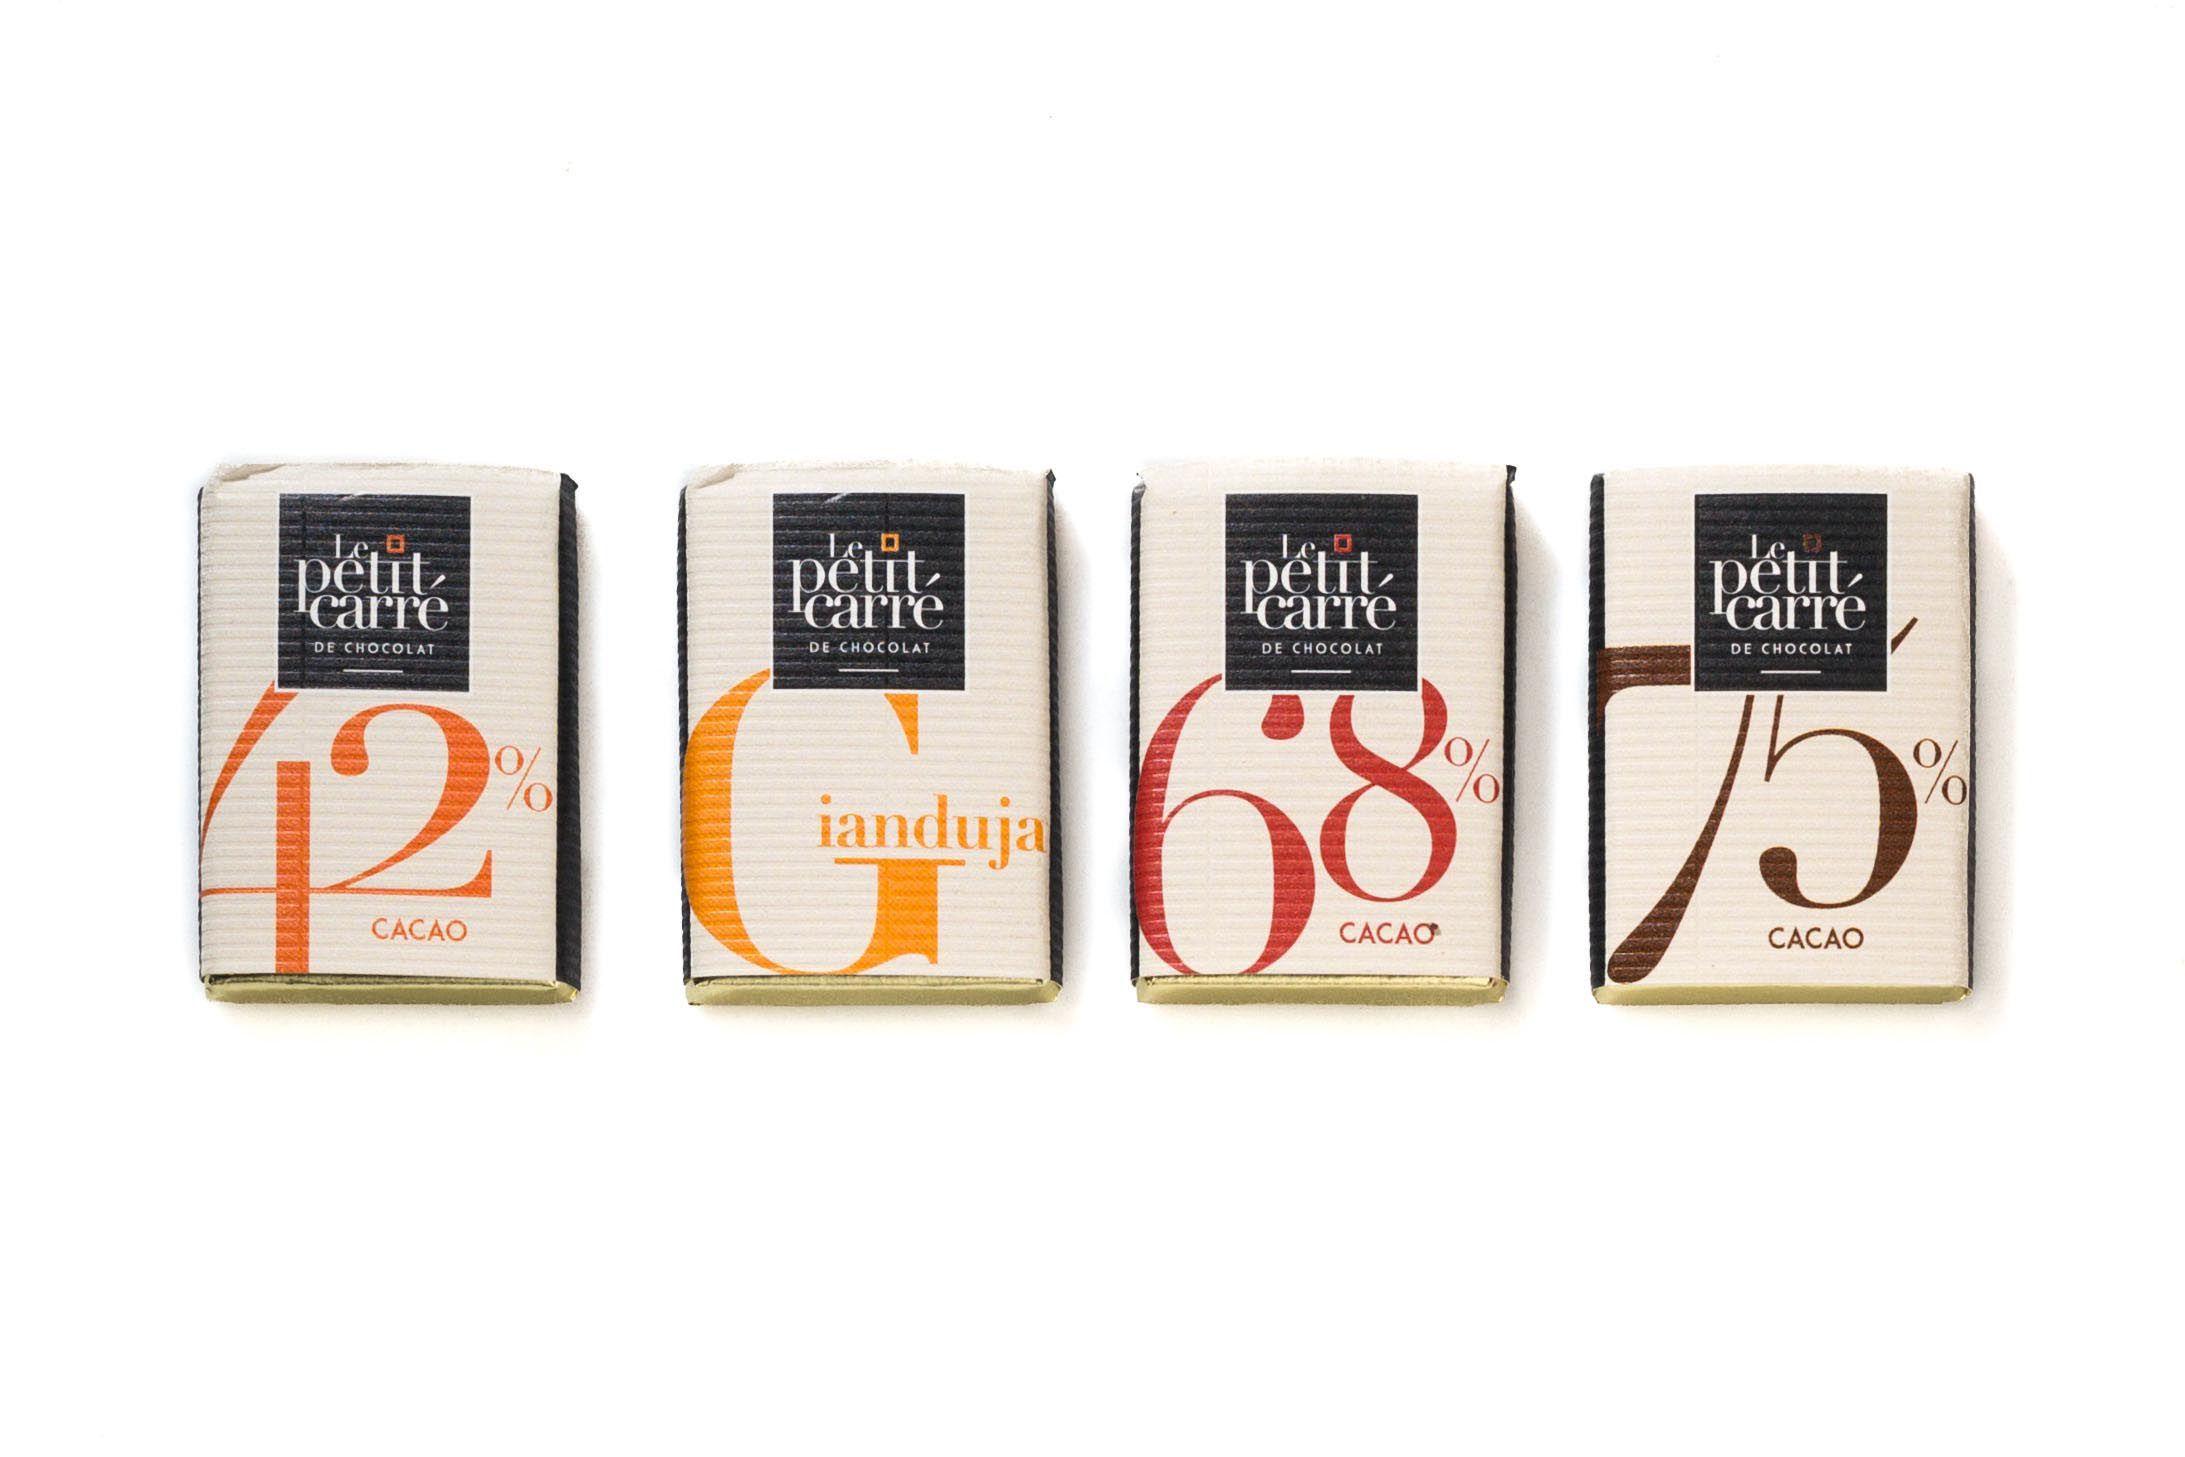 Gamme de chocolat pour boîte à personnaliser - Cadeau d'entreprise Noël